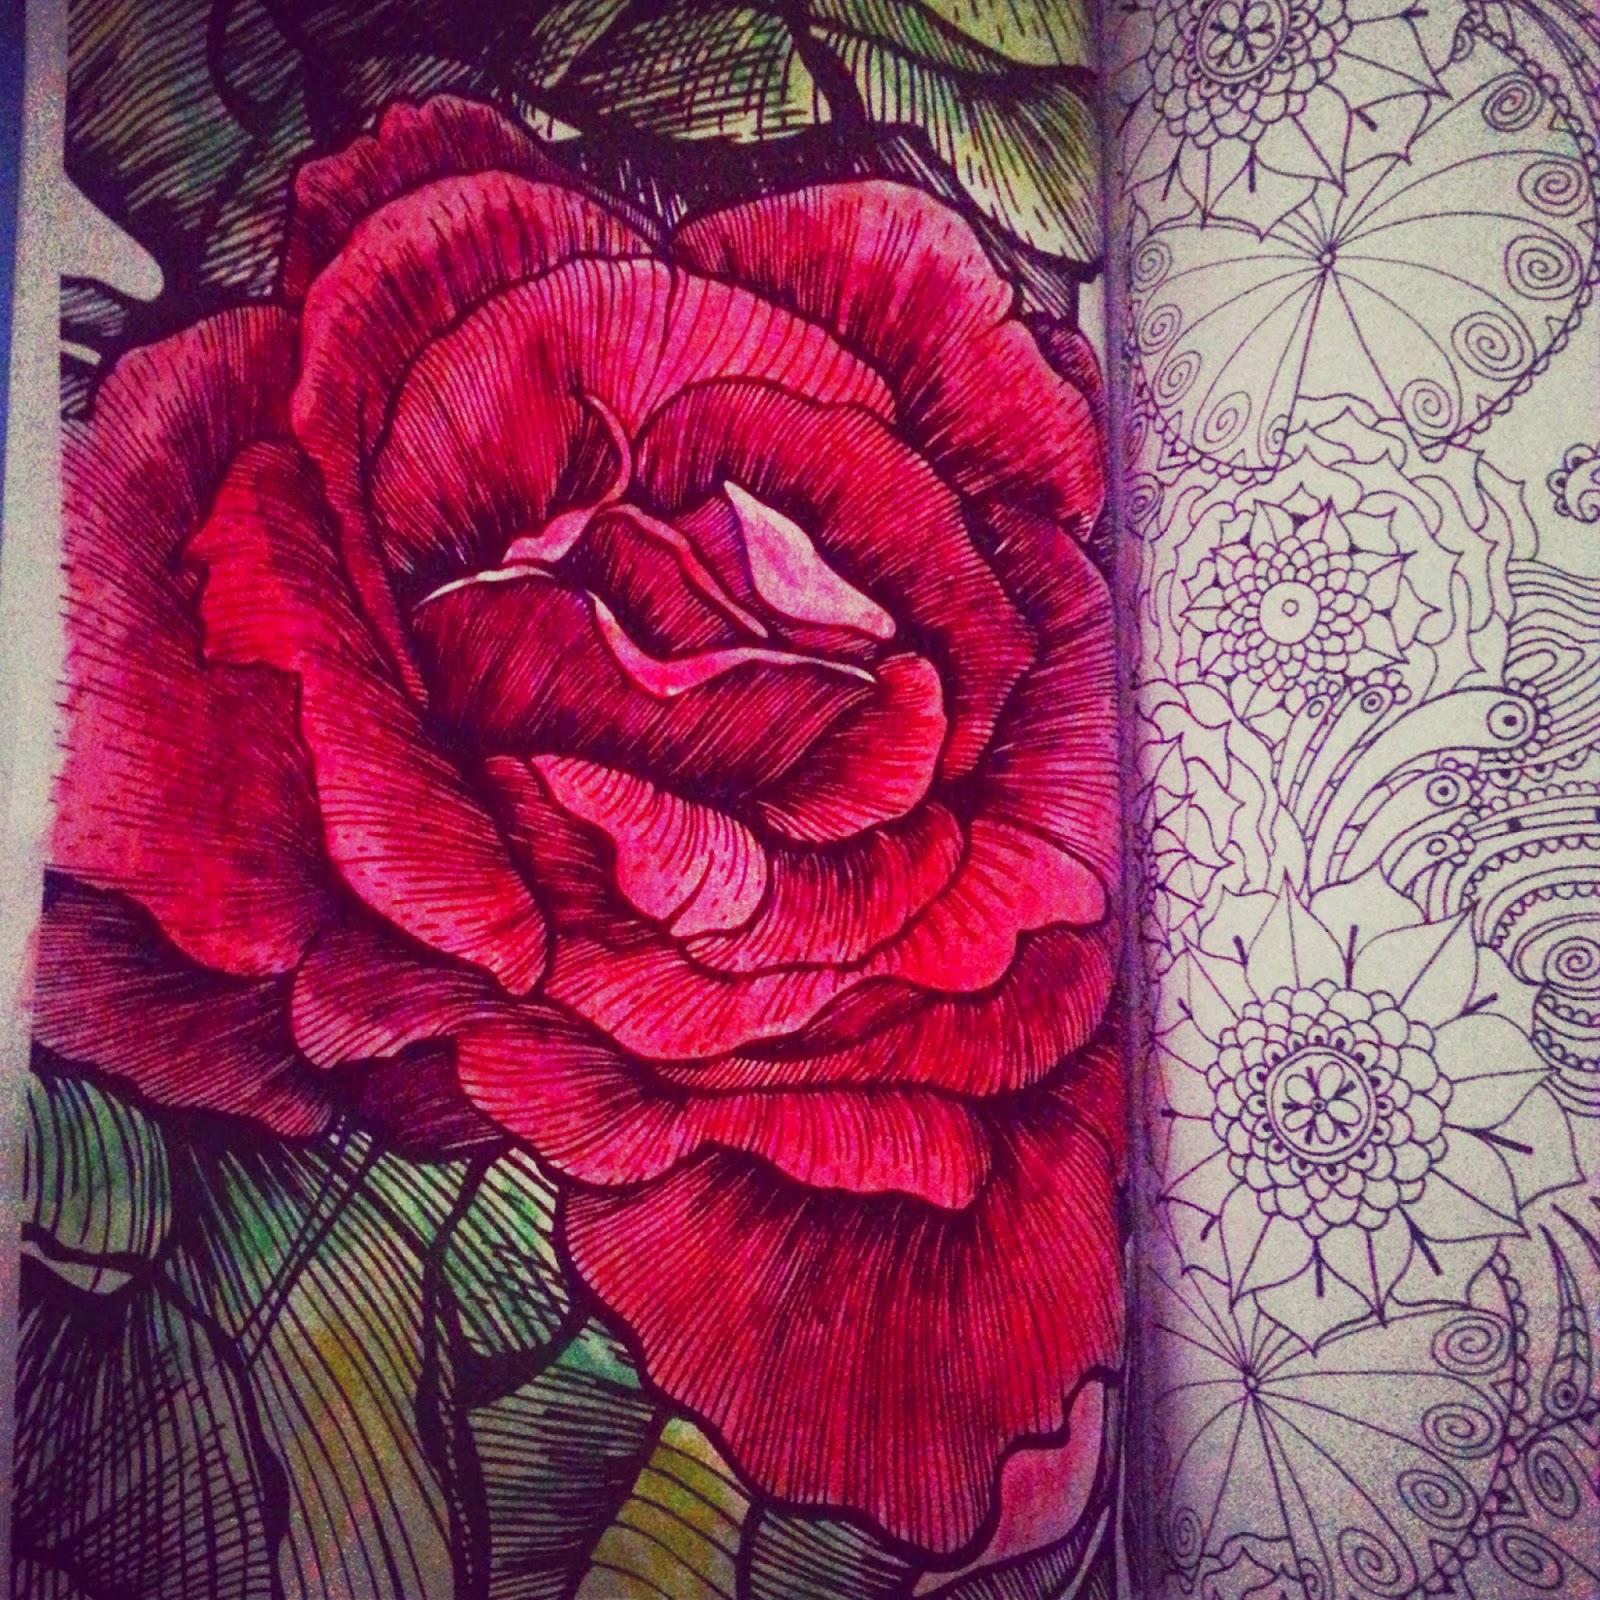 Dibujos para pintar flores y ramos de flores CLASE GRATIS  - Imagenes De Ramos De Rosas Para Dibujar